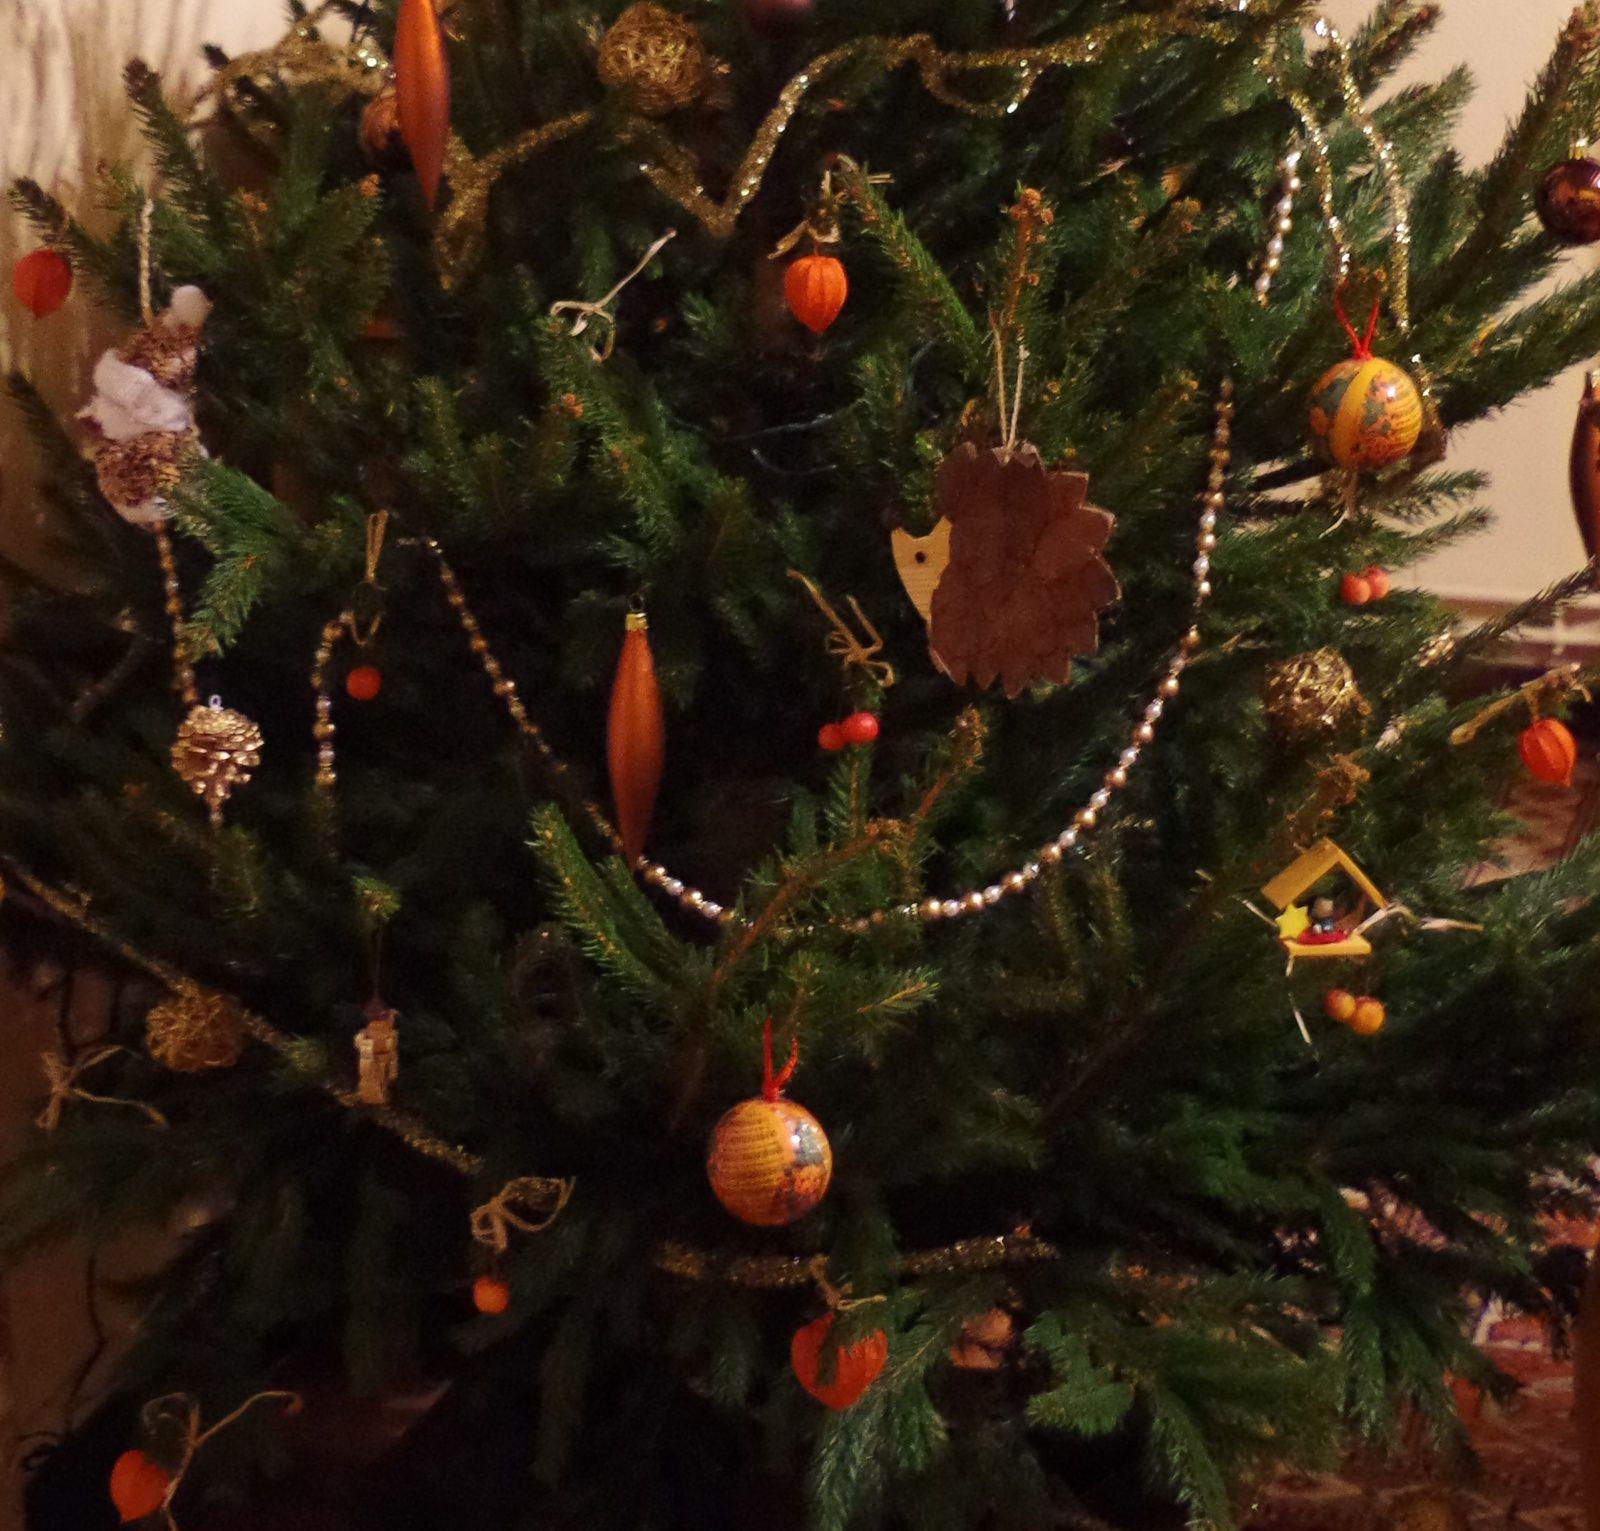 Des nouvelles de nos fêtes de Noël!